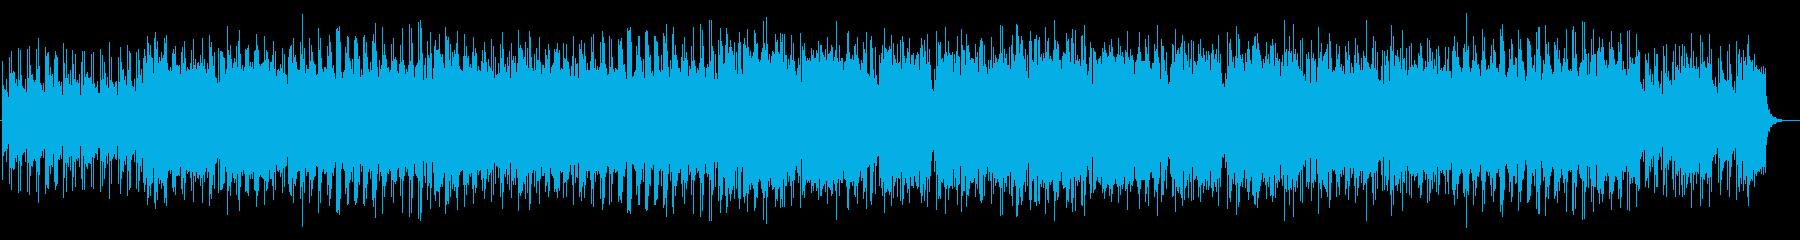 フレンチポップス風で60年代シャンソン風の再生済みの波形